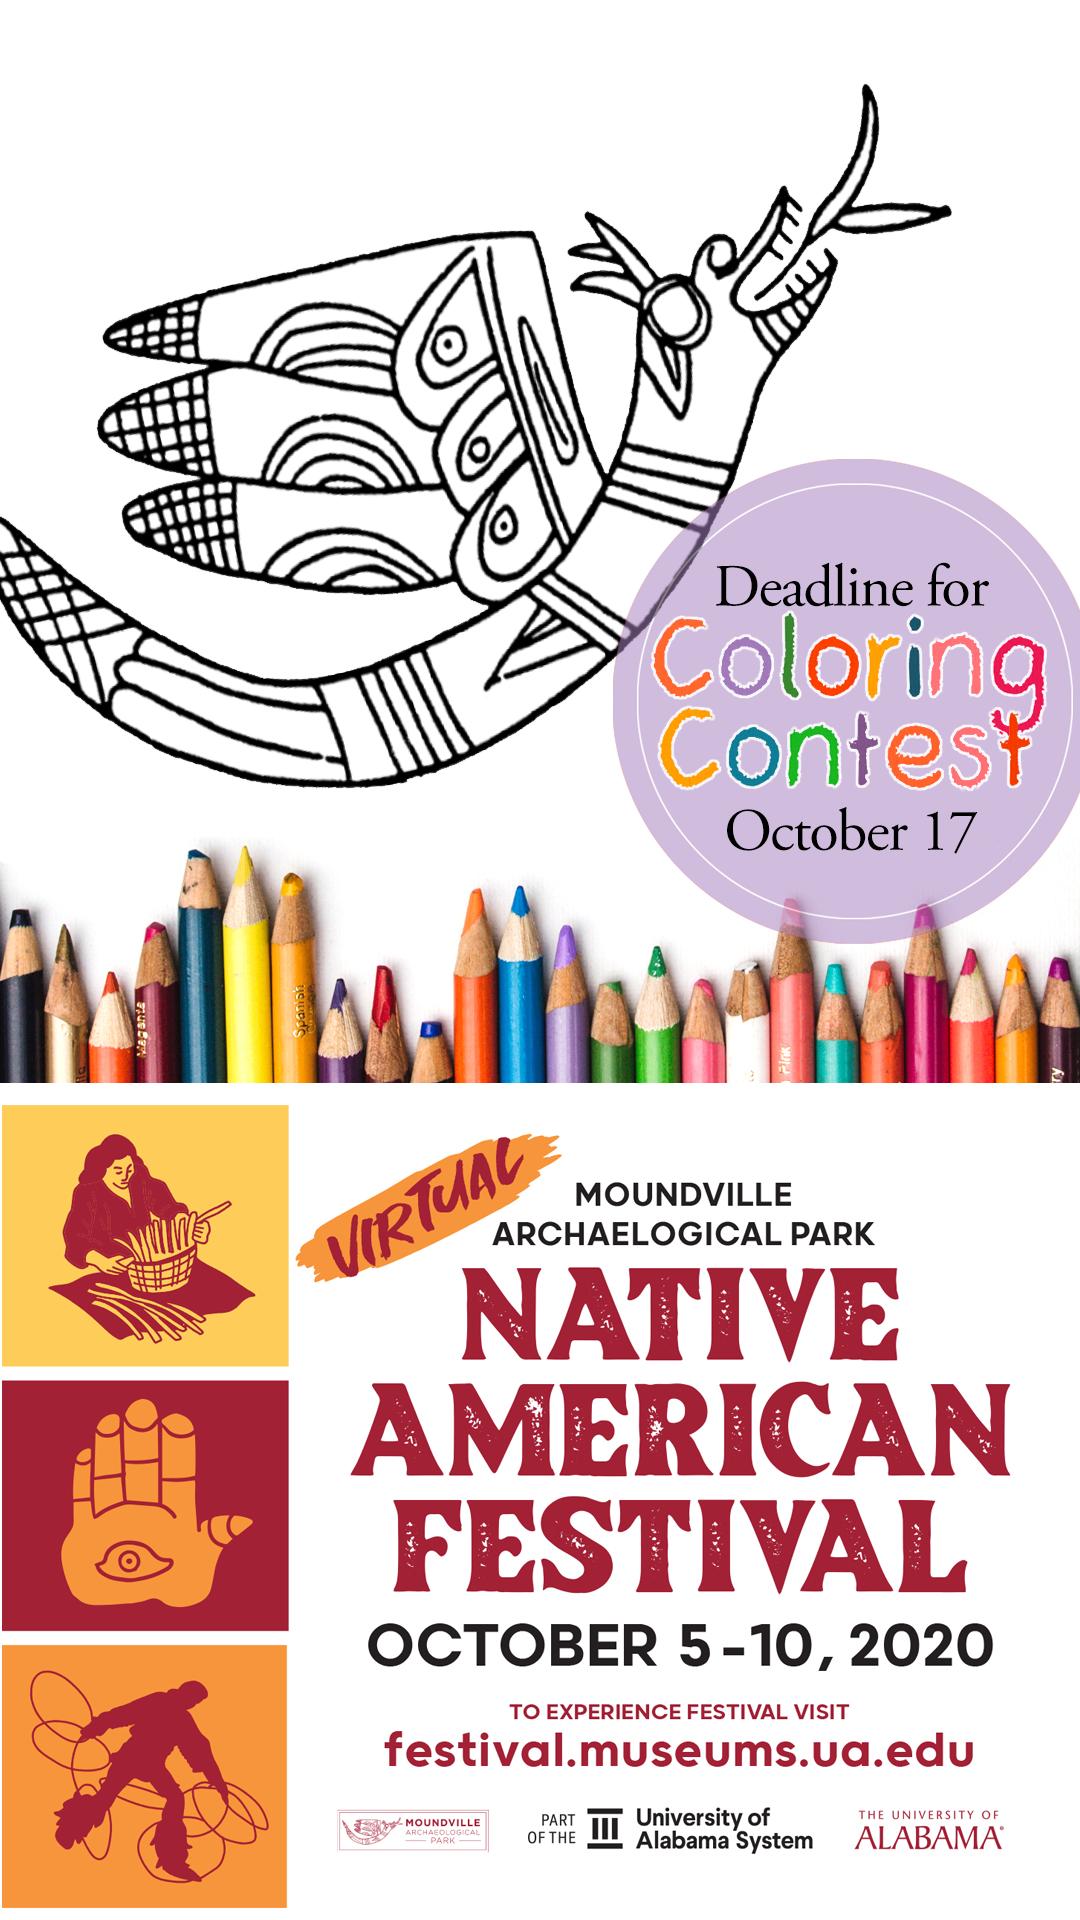 Native American Festival Coloring Contest